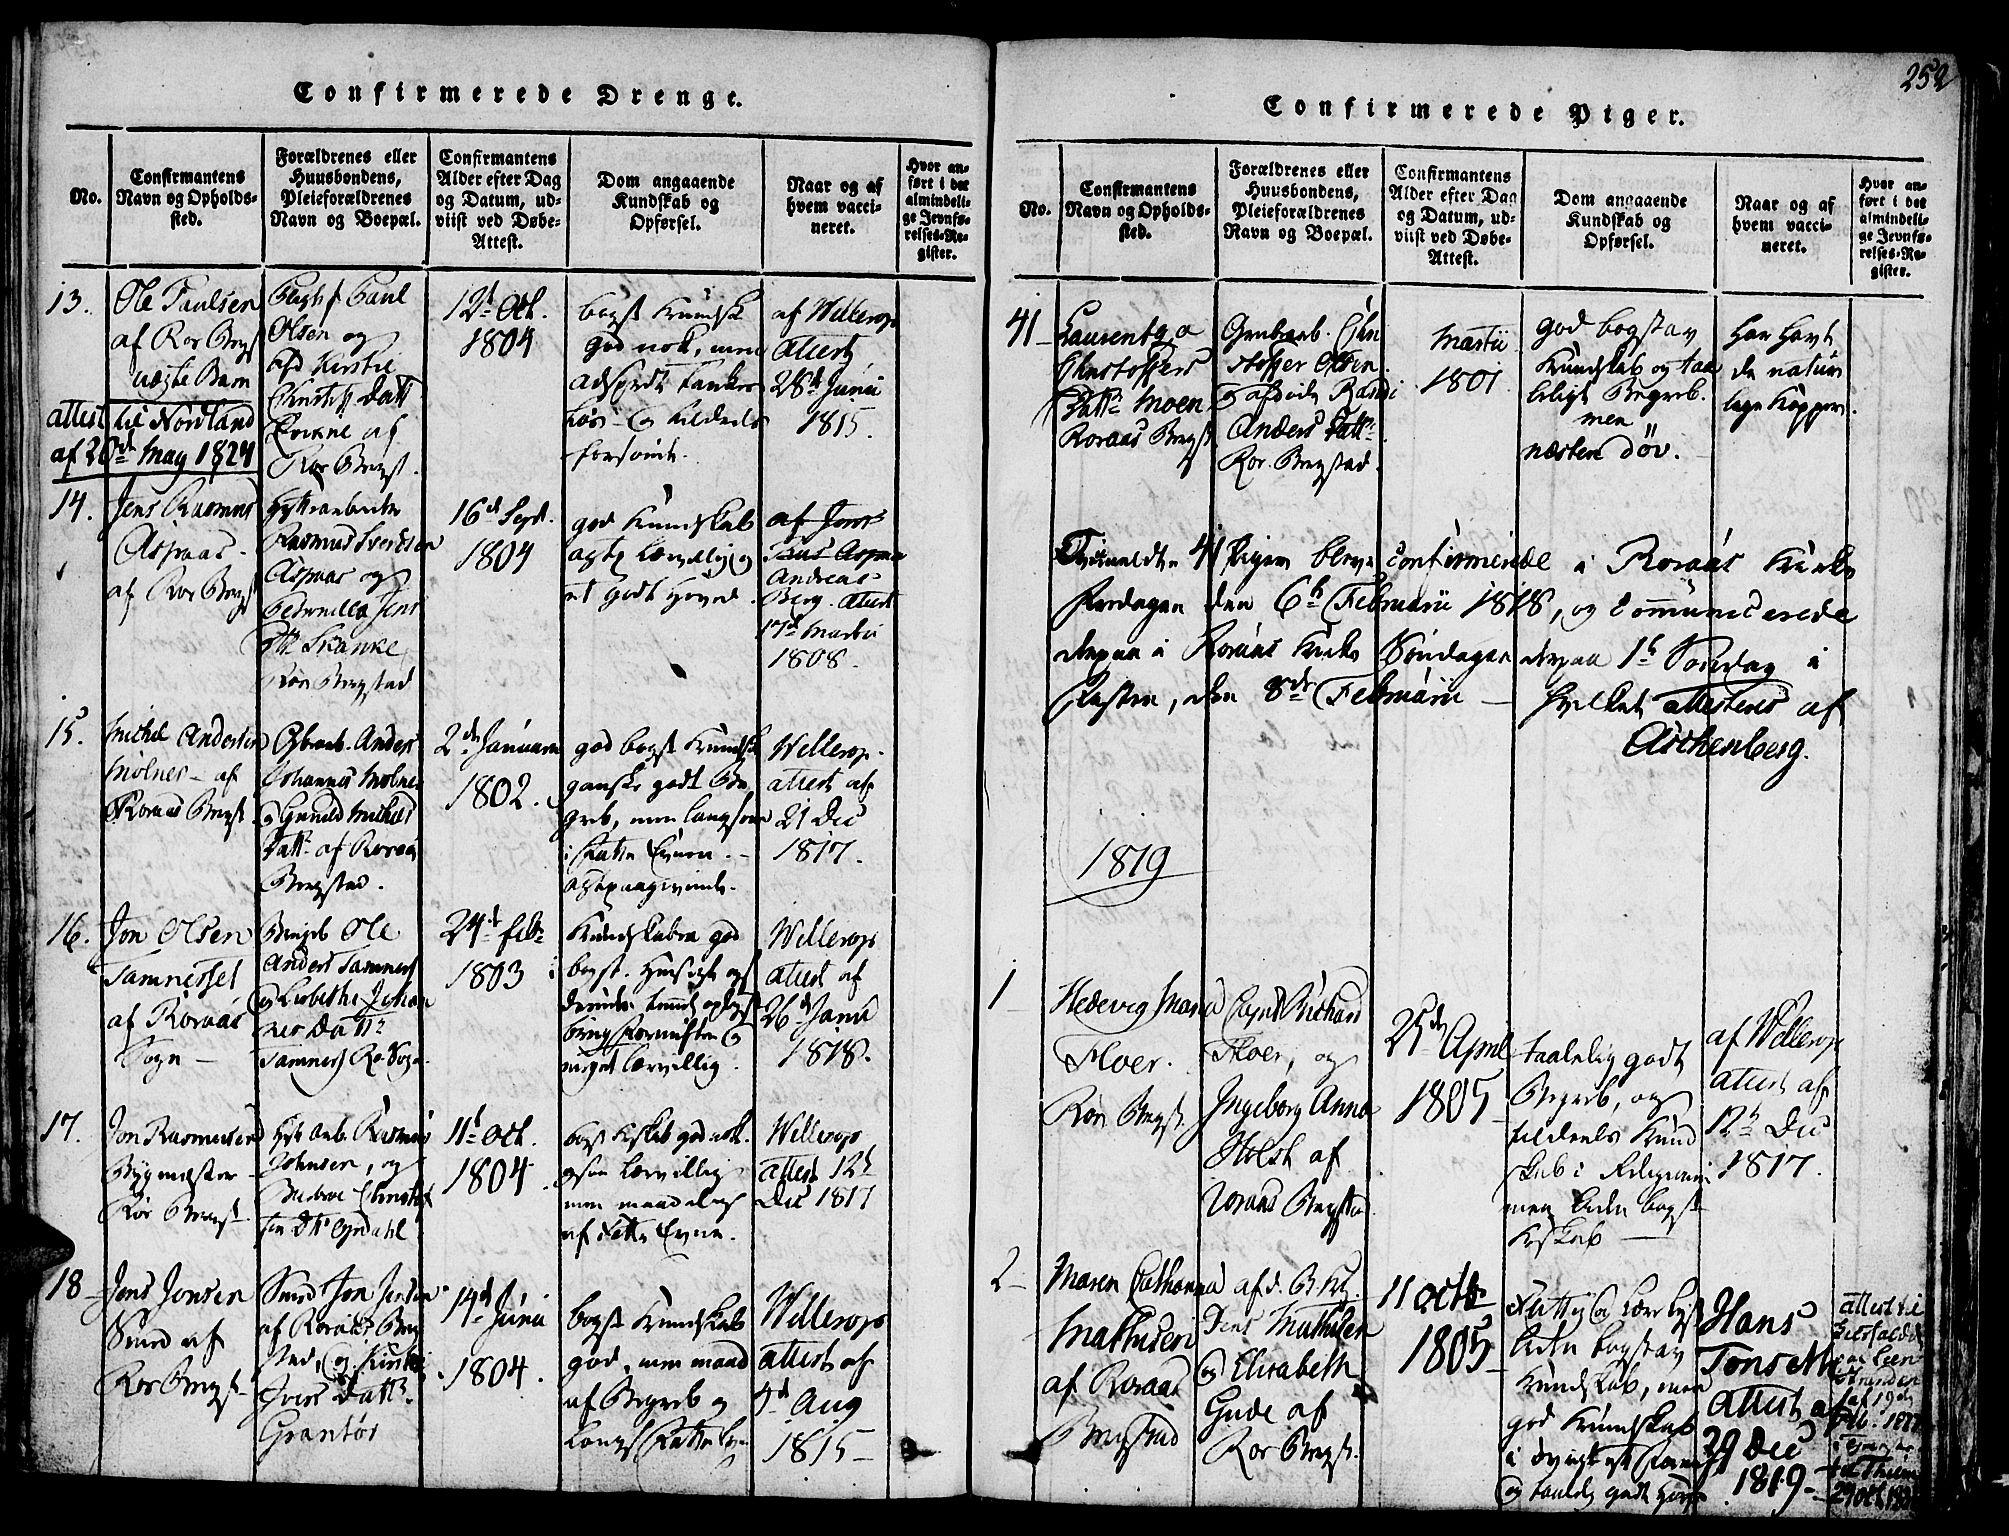 SAT, Ministerialprotokoller, klokkerbøker og fødselsregistre - Sør-Trøndelag, 681/L0929: Ministerialbok nr. 681A07, 1817-1828, s. 252